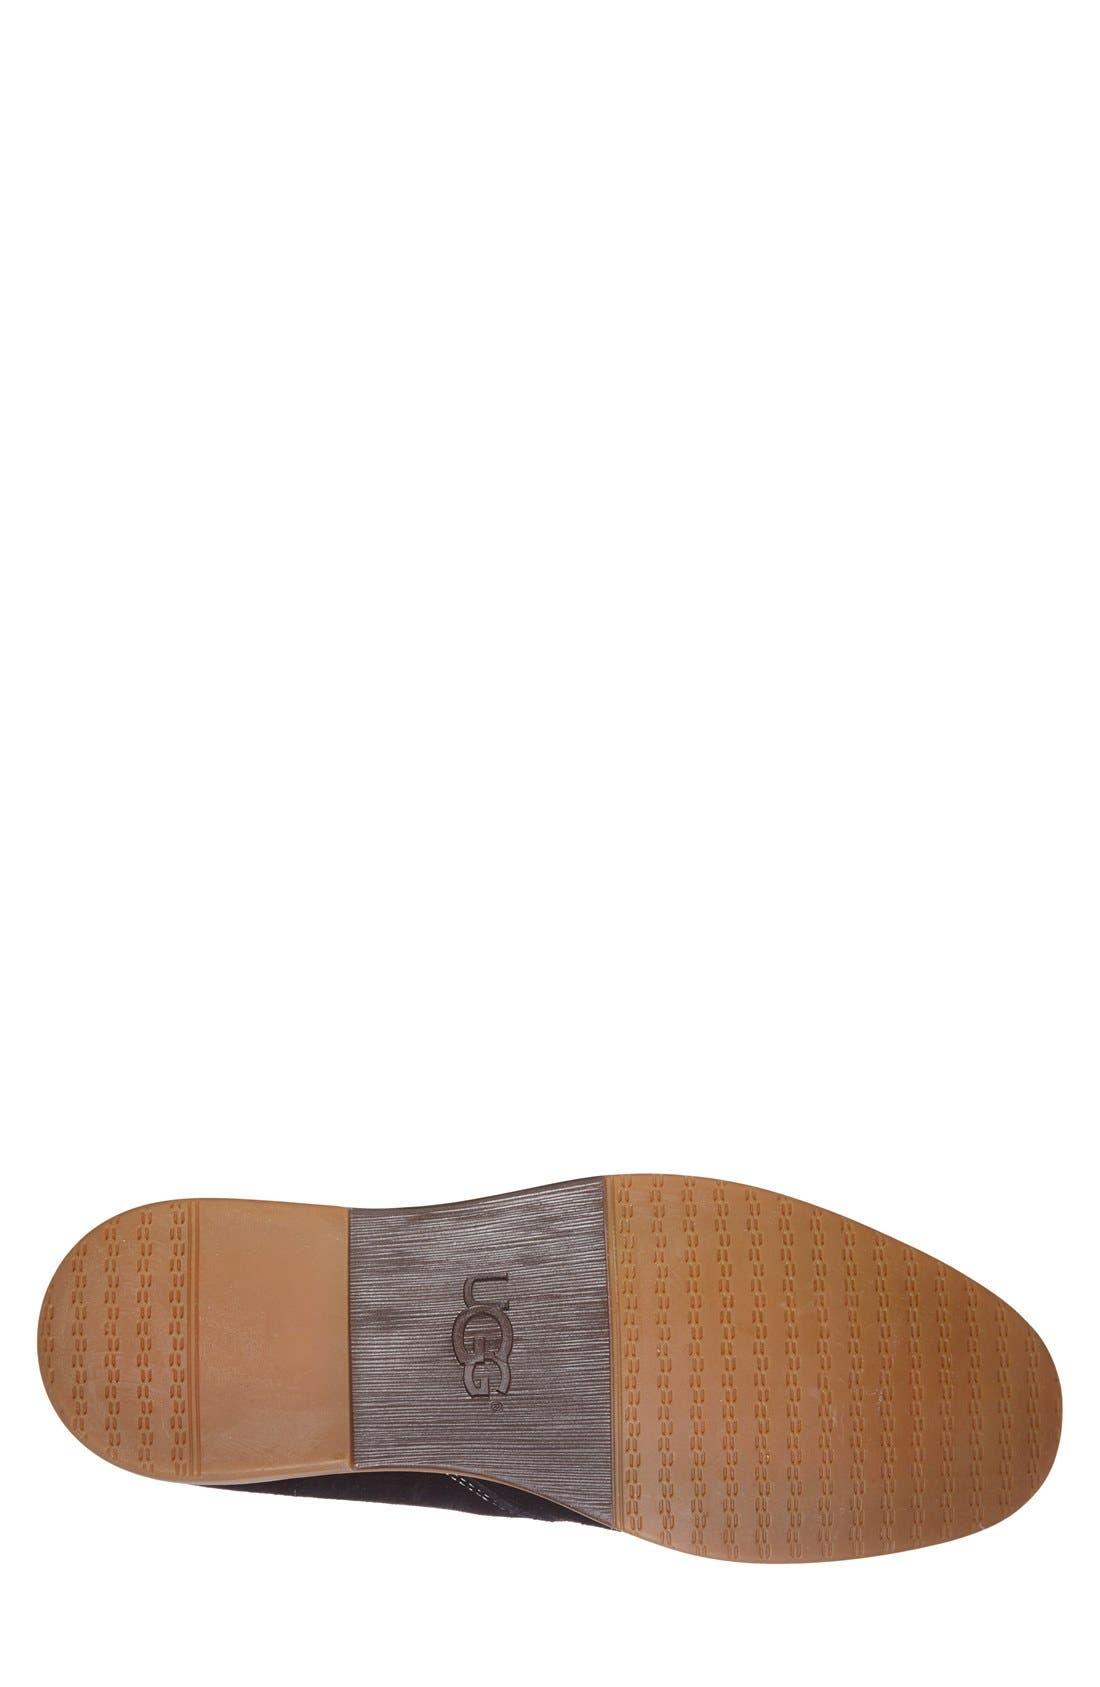 Alternate Image 4  - UGG® 'Via Lungarno' Chukka Boot